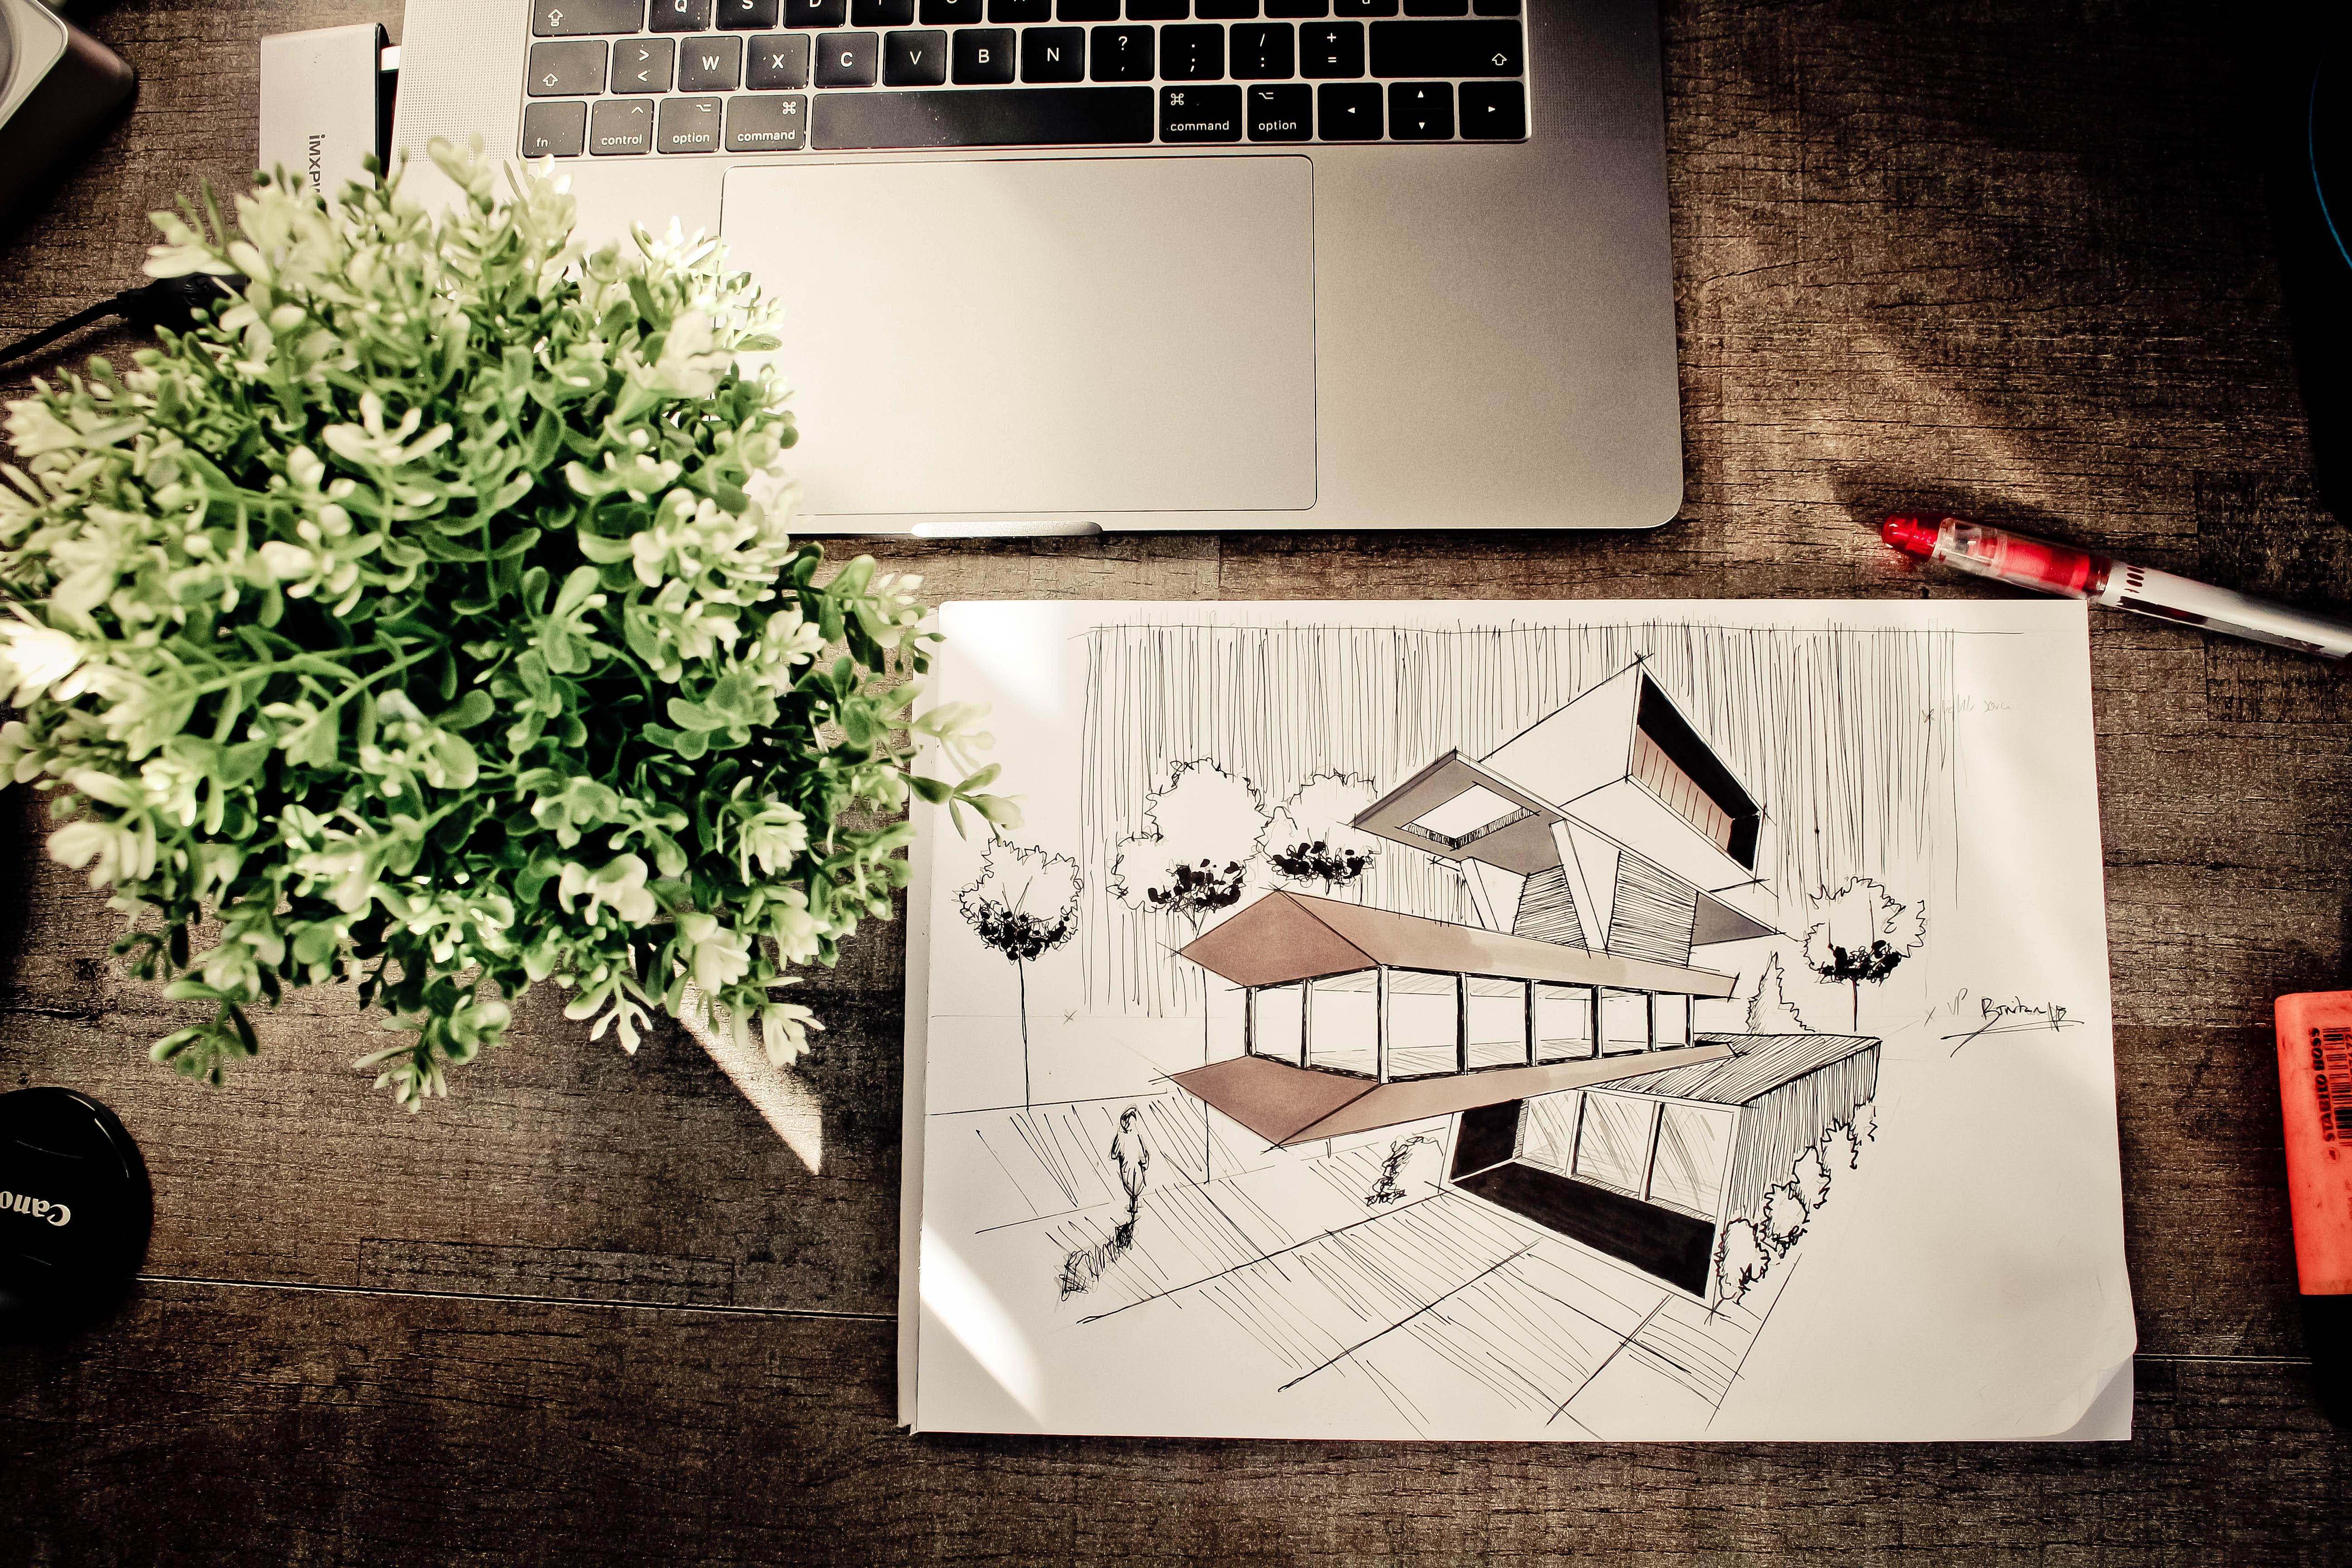 Tavolo Da Disegno Portatile : Tavolo da disegno portatile tavolo pc portatile da letto tavolino